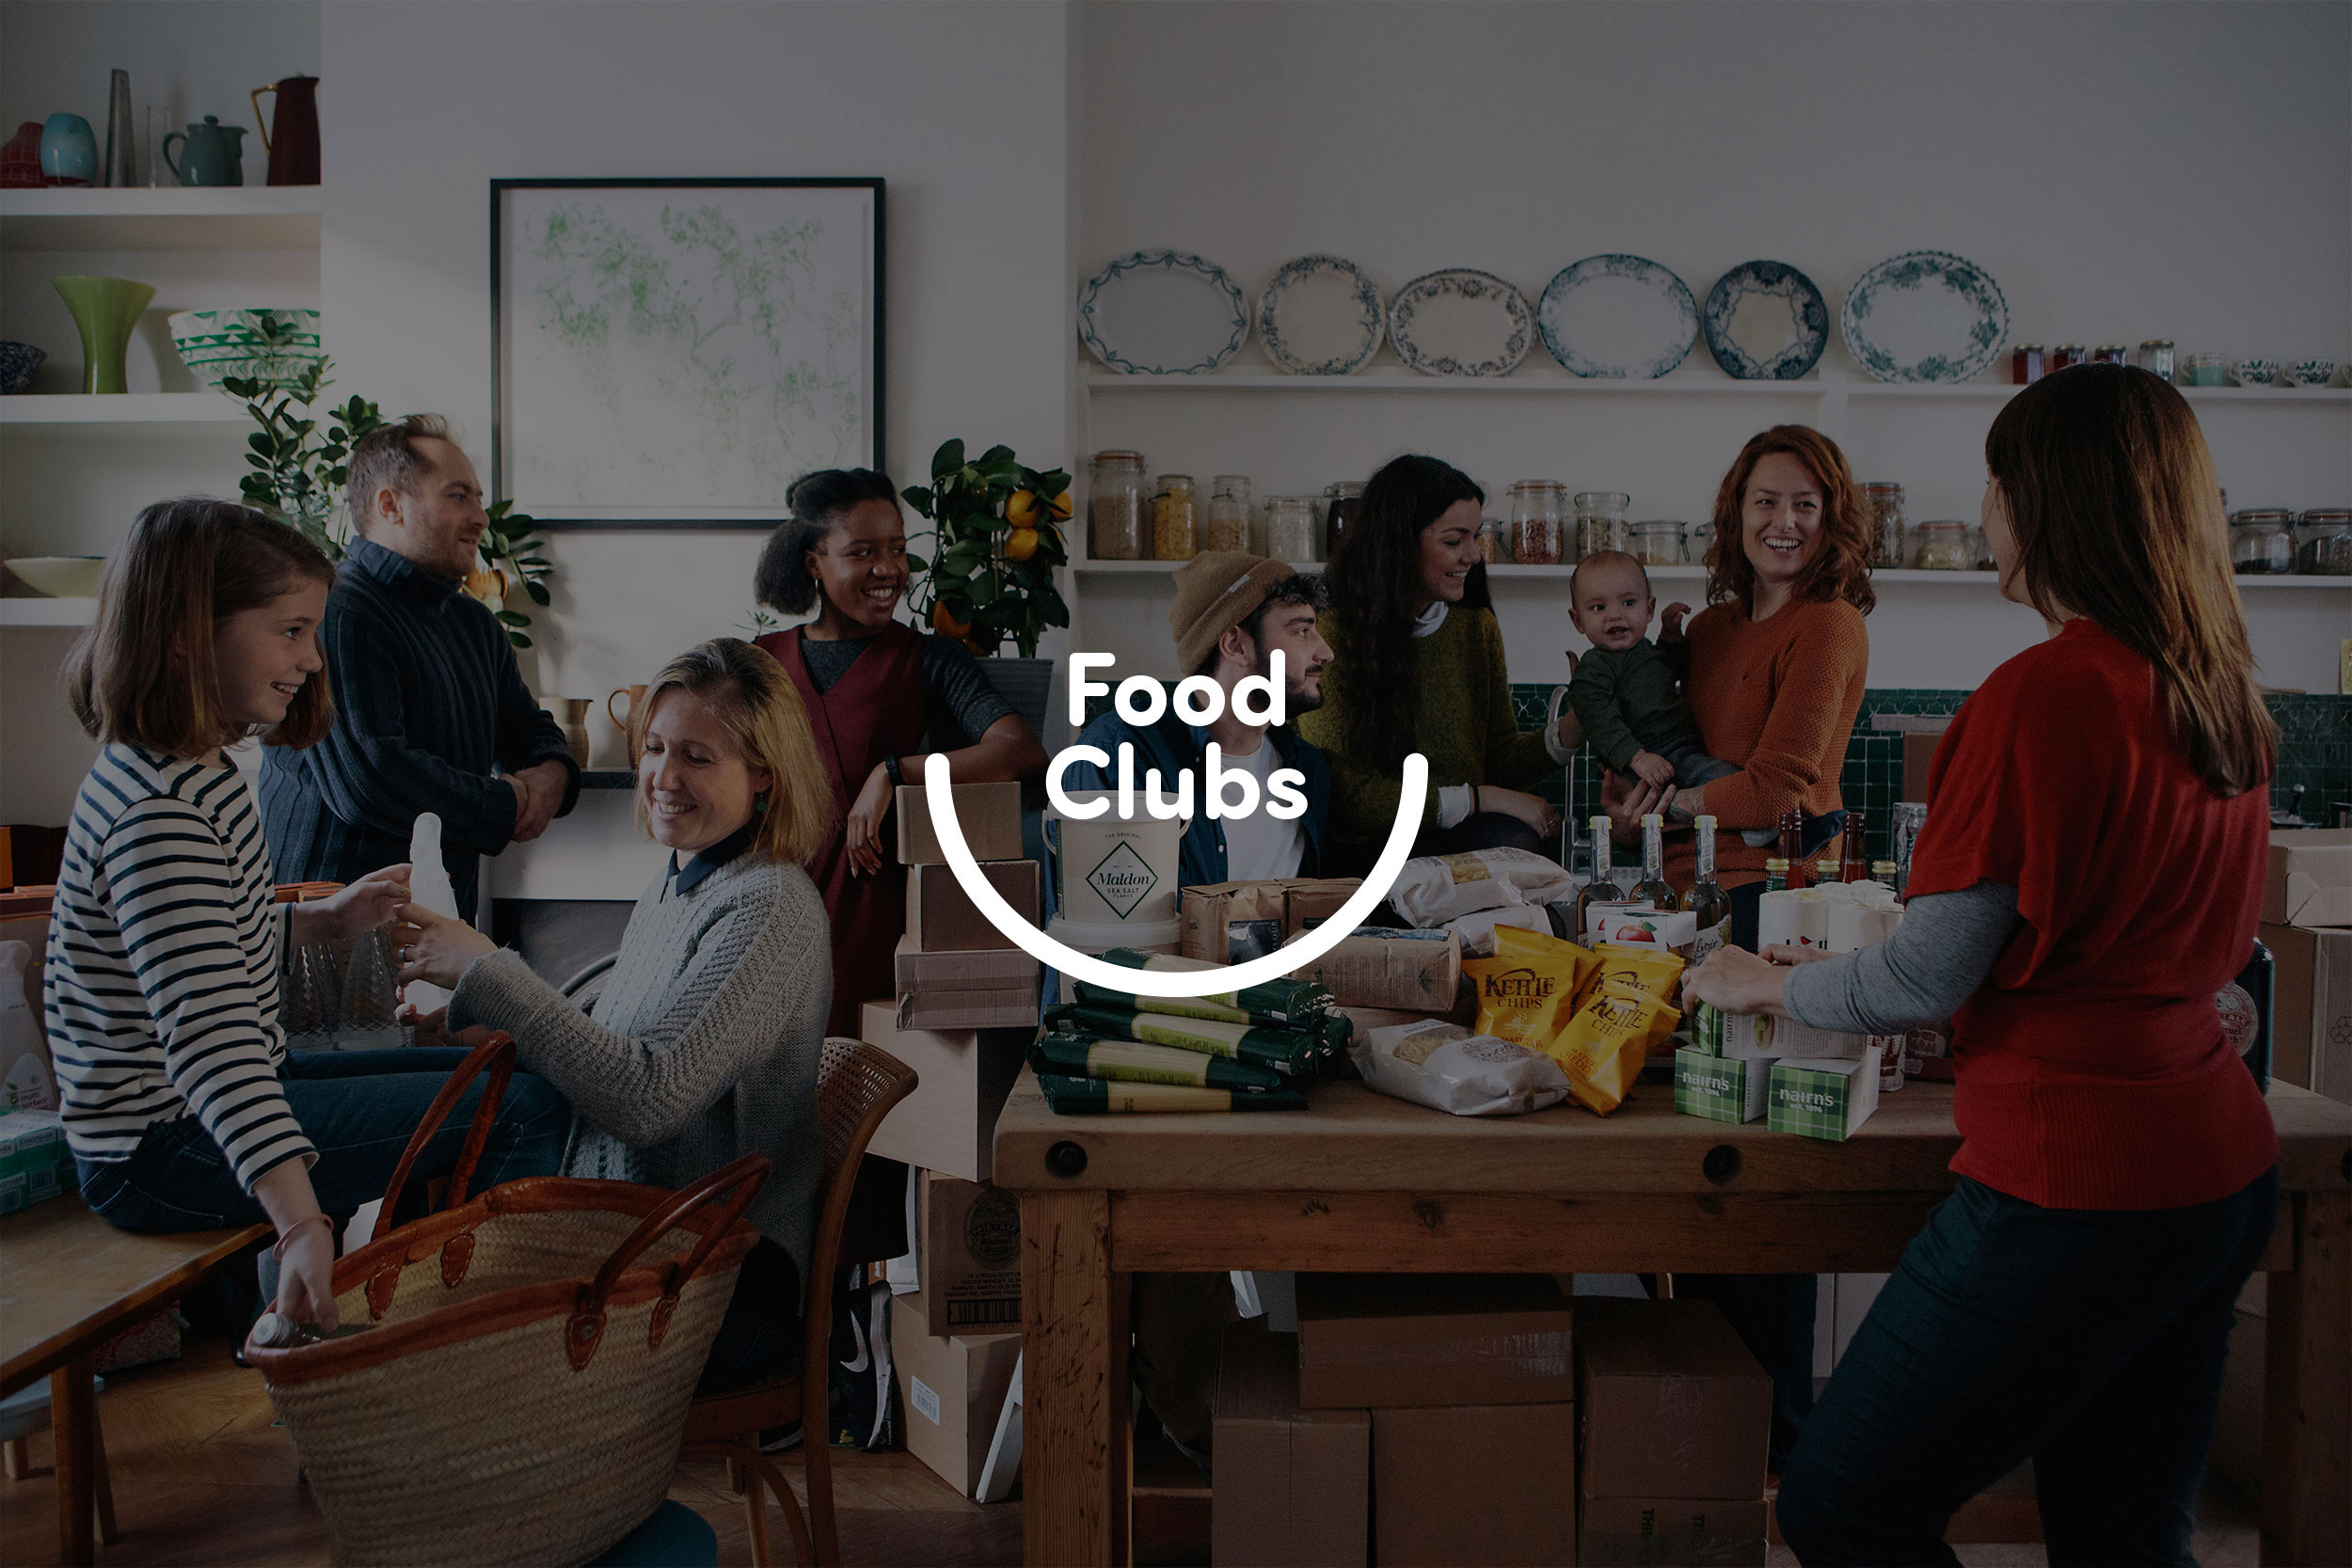 Food Clubs